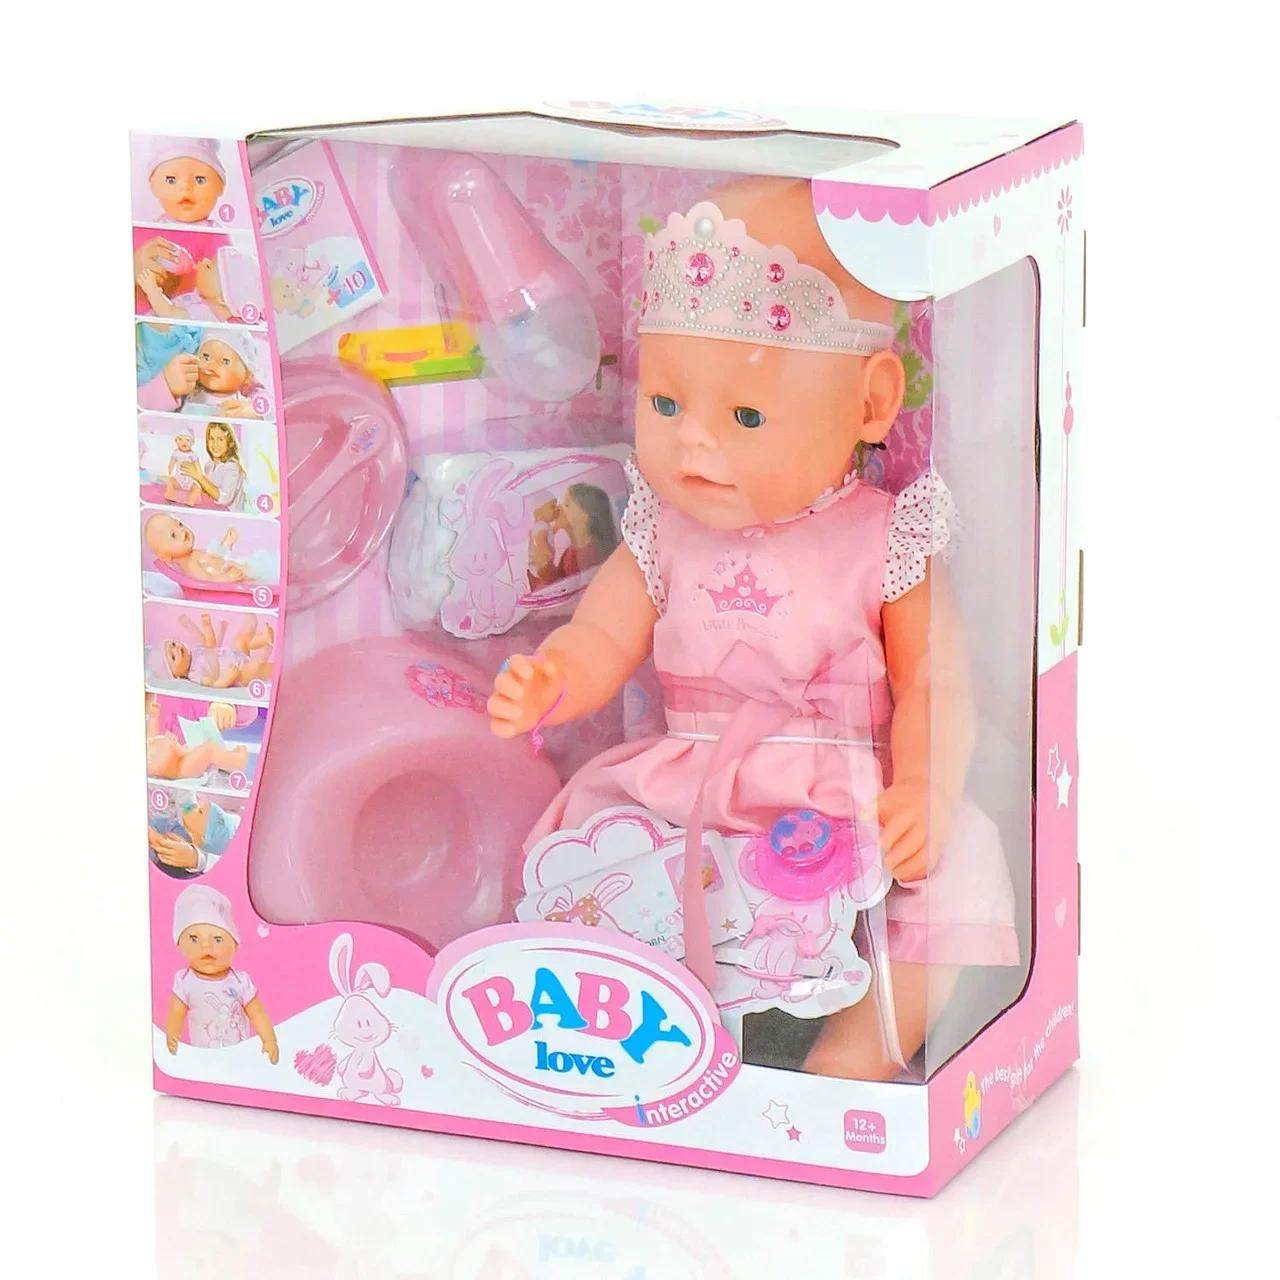 Дитячий пупсик для дівчинки Yale Baby BL 018, багатофункціональний пупс на 8 функцій з аксесуарами